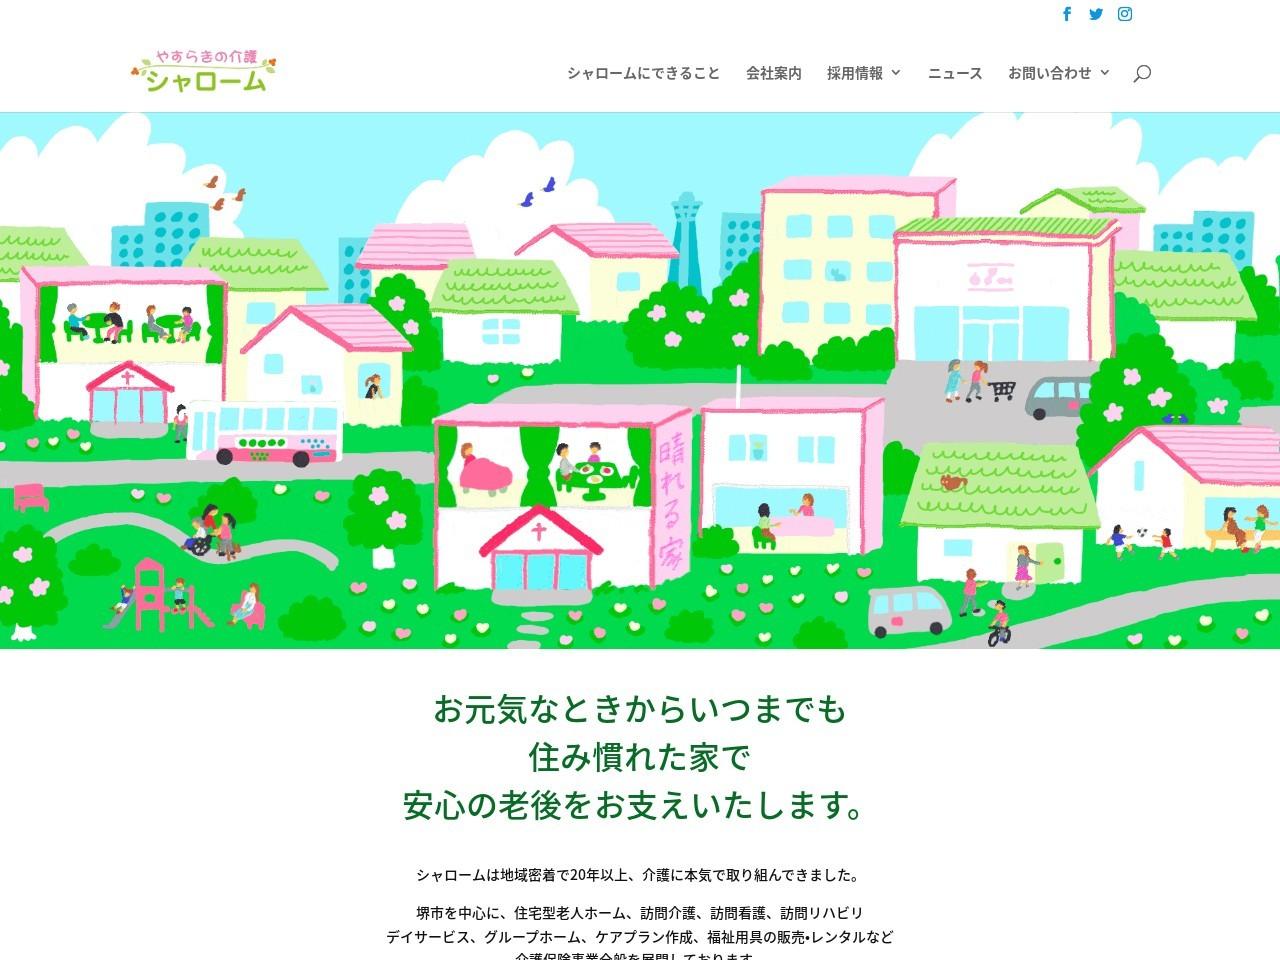 堺市 有料老人ホーム:やすらぎの介護 シャローム|デイサービス・訪問介護・リハビリなど、まずはご相談下さい